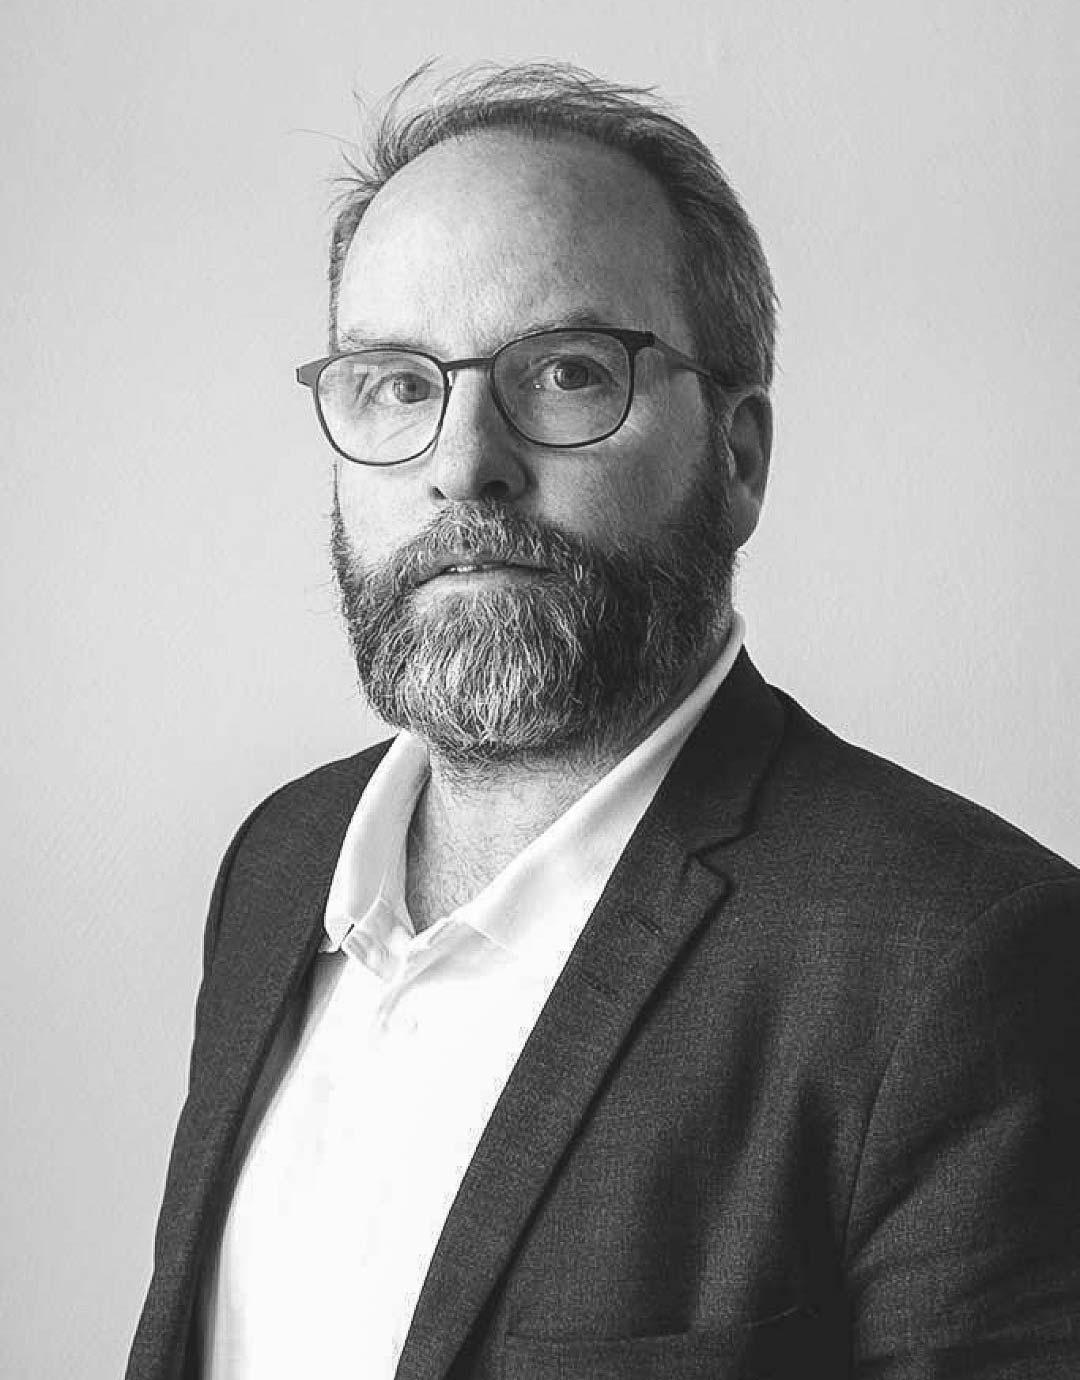 Peter Cedergren